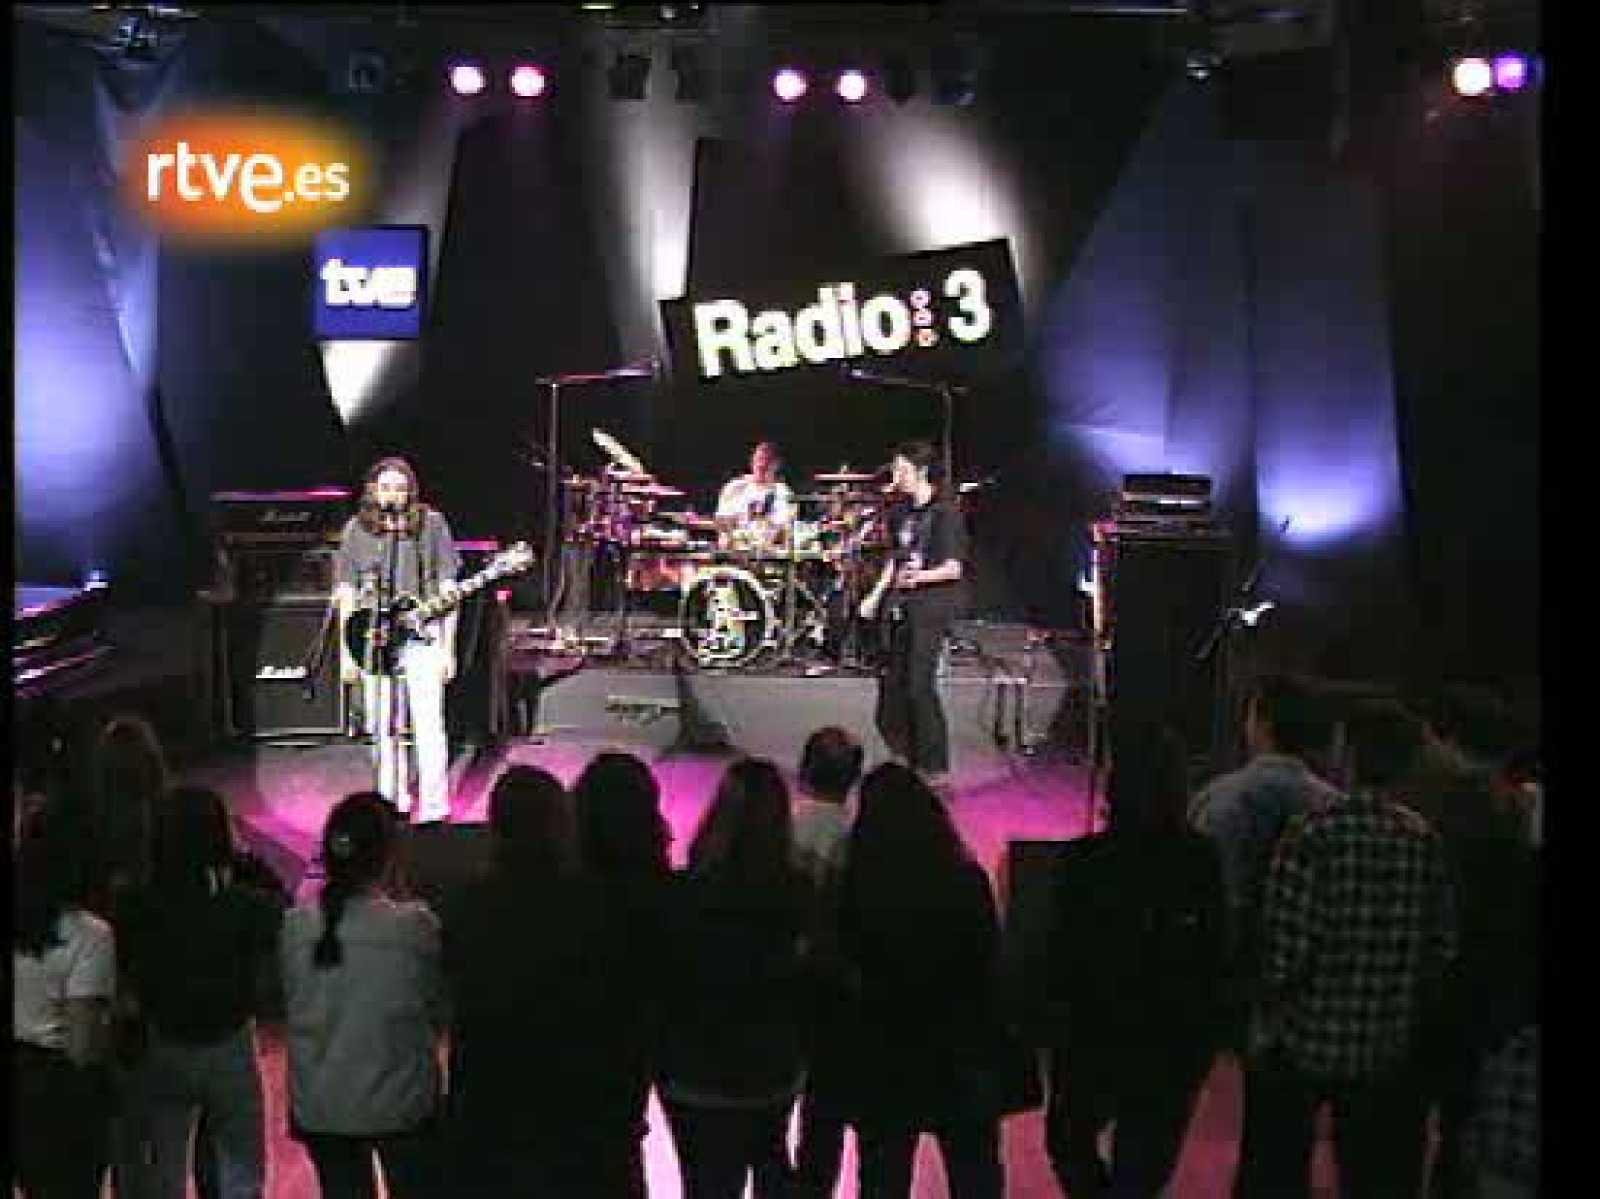 Rosendo: 'Échale coraje', en Los Conciertos de Radio3. Así presentaba el cantante su disco 'A trancas y barrancas' en los Conciertos de Radio 3.